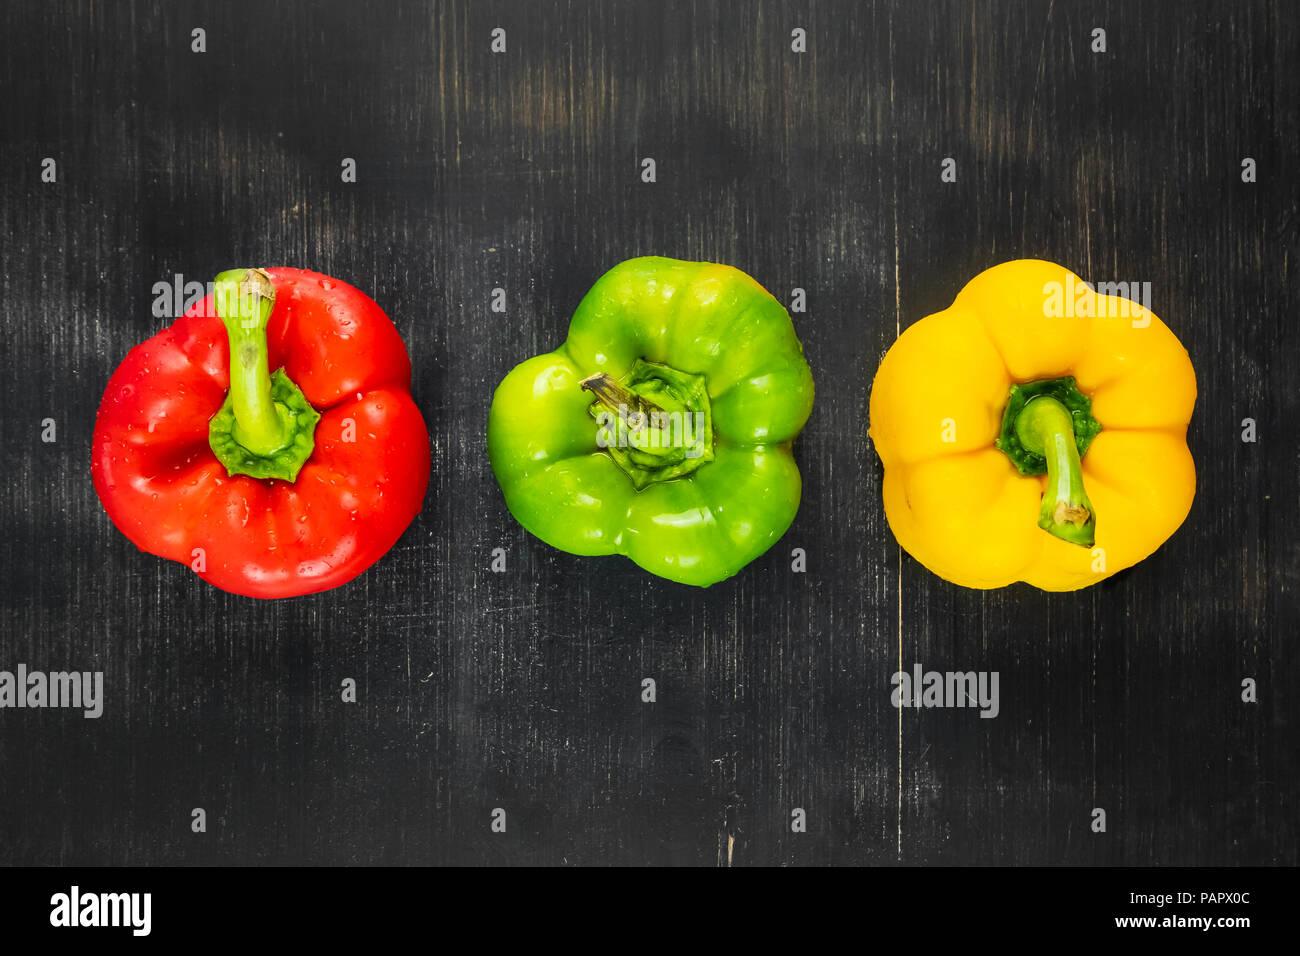 Vue du haut de trois poivrons lumineux frais noir sur fond rustique. En plongée des de vert, jaune et rouge paprika légumes sur la table en bois sombre. Photo Stock